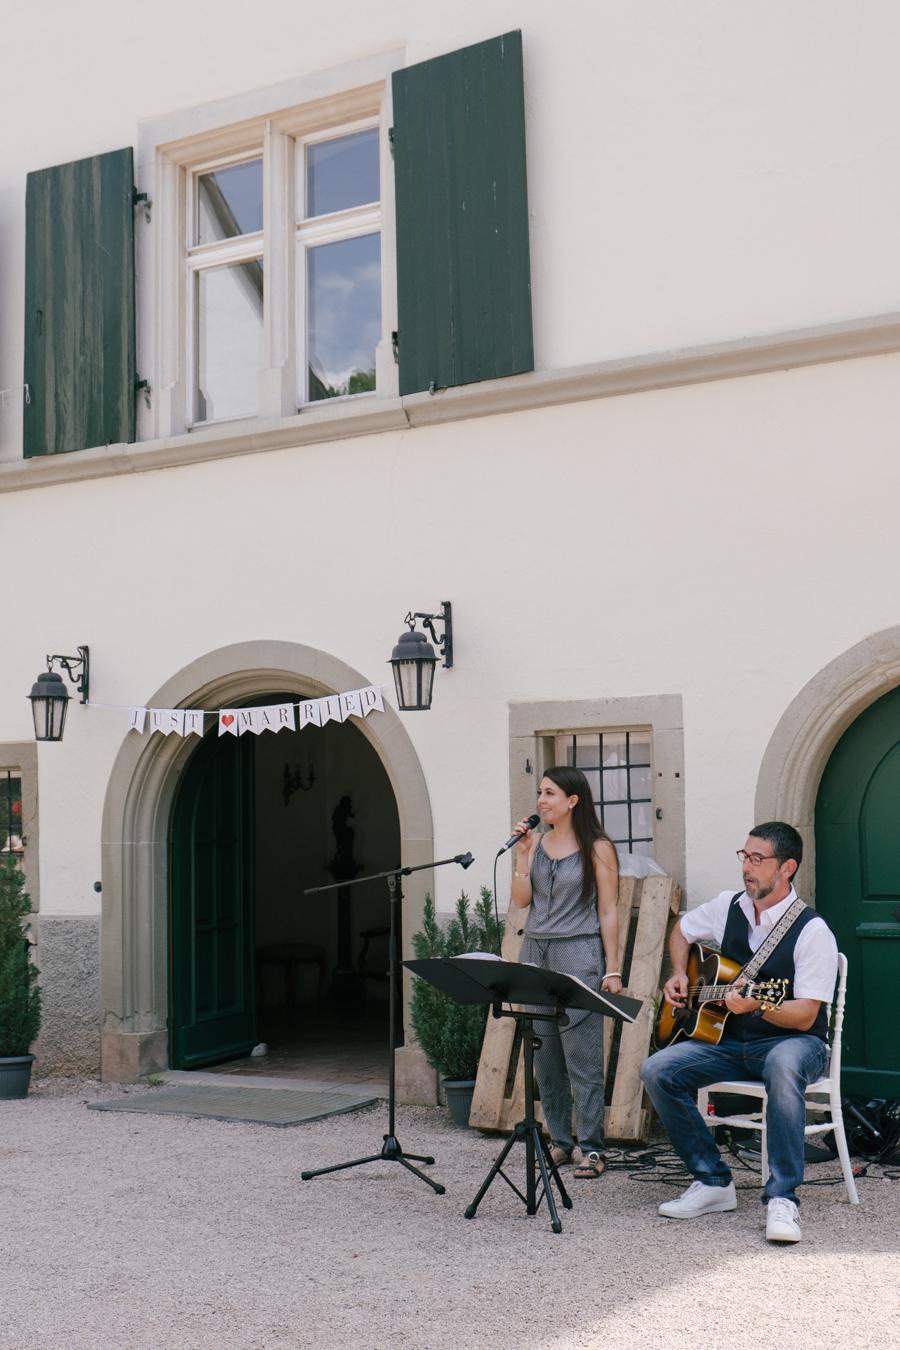 FREIE TRAUUNG AUF SCHLOSS HOHENLUPFEN IN STÜHLINGEN